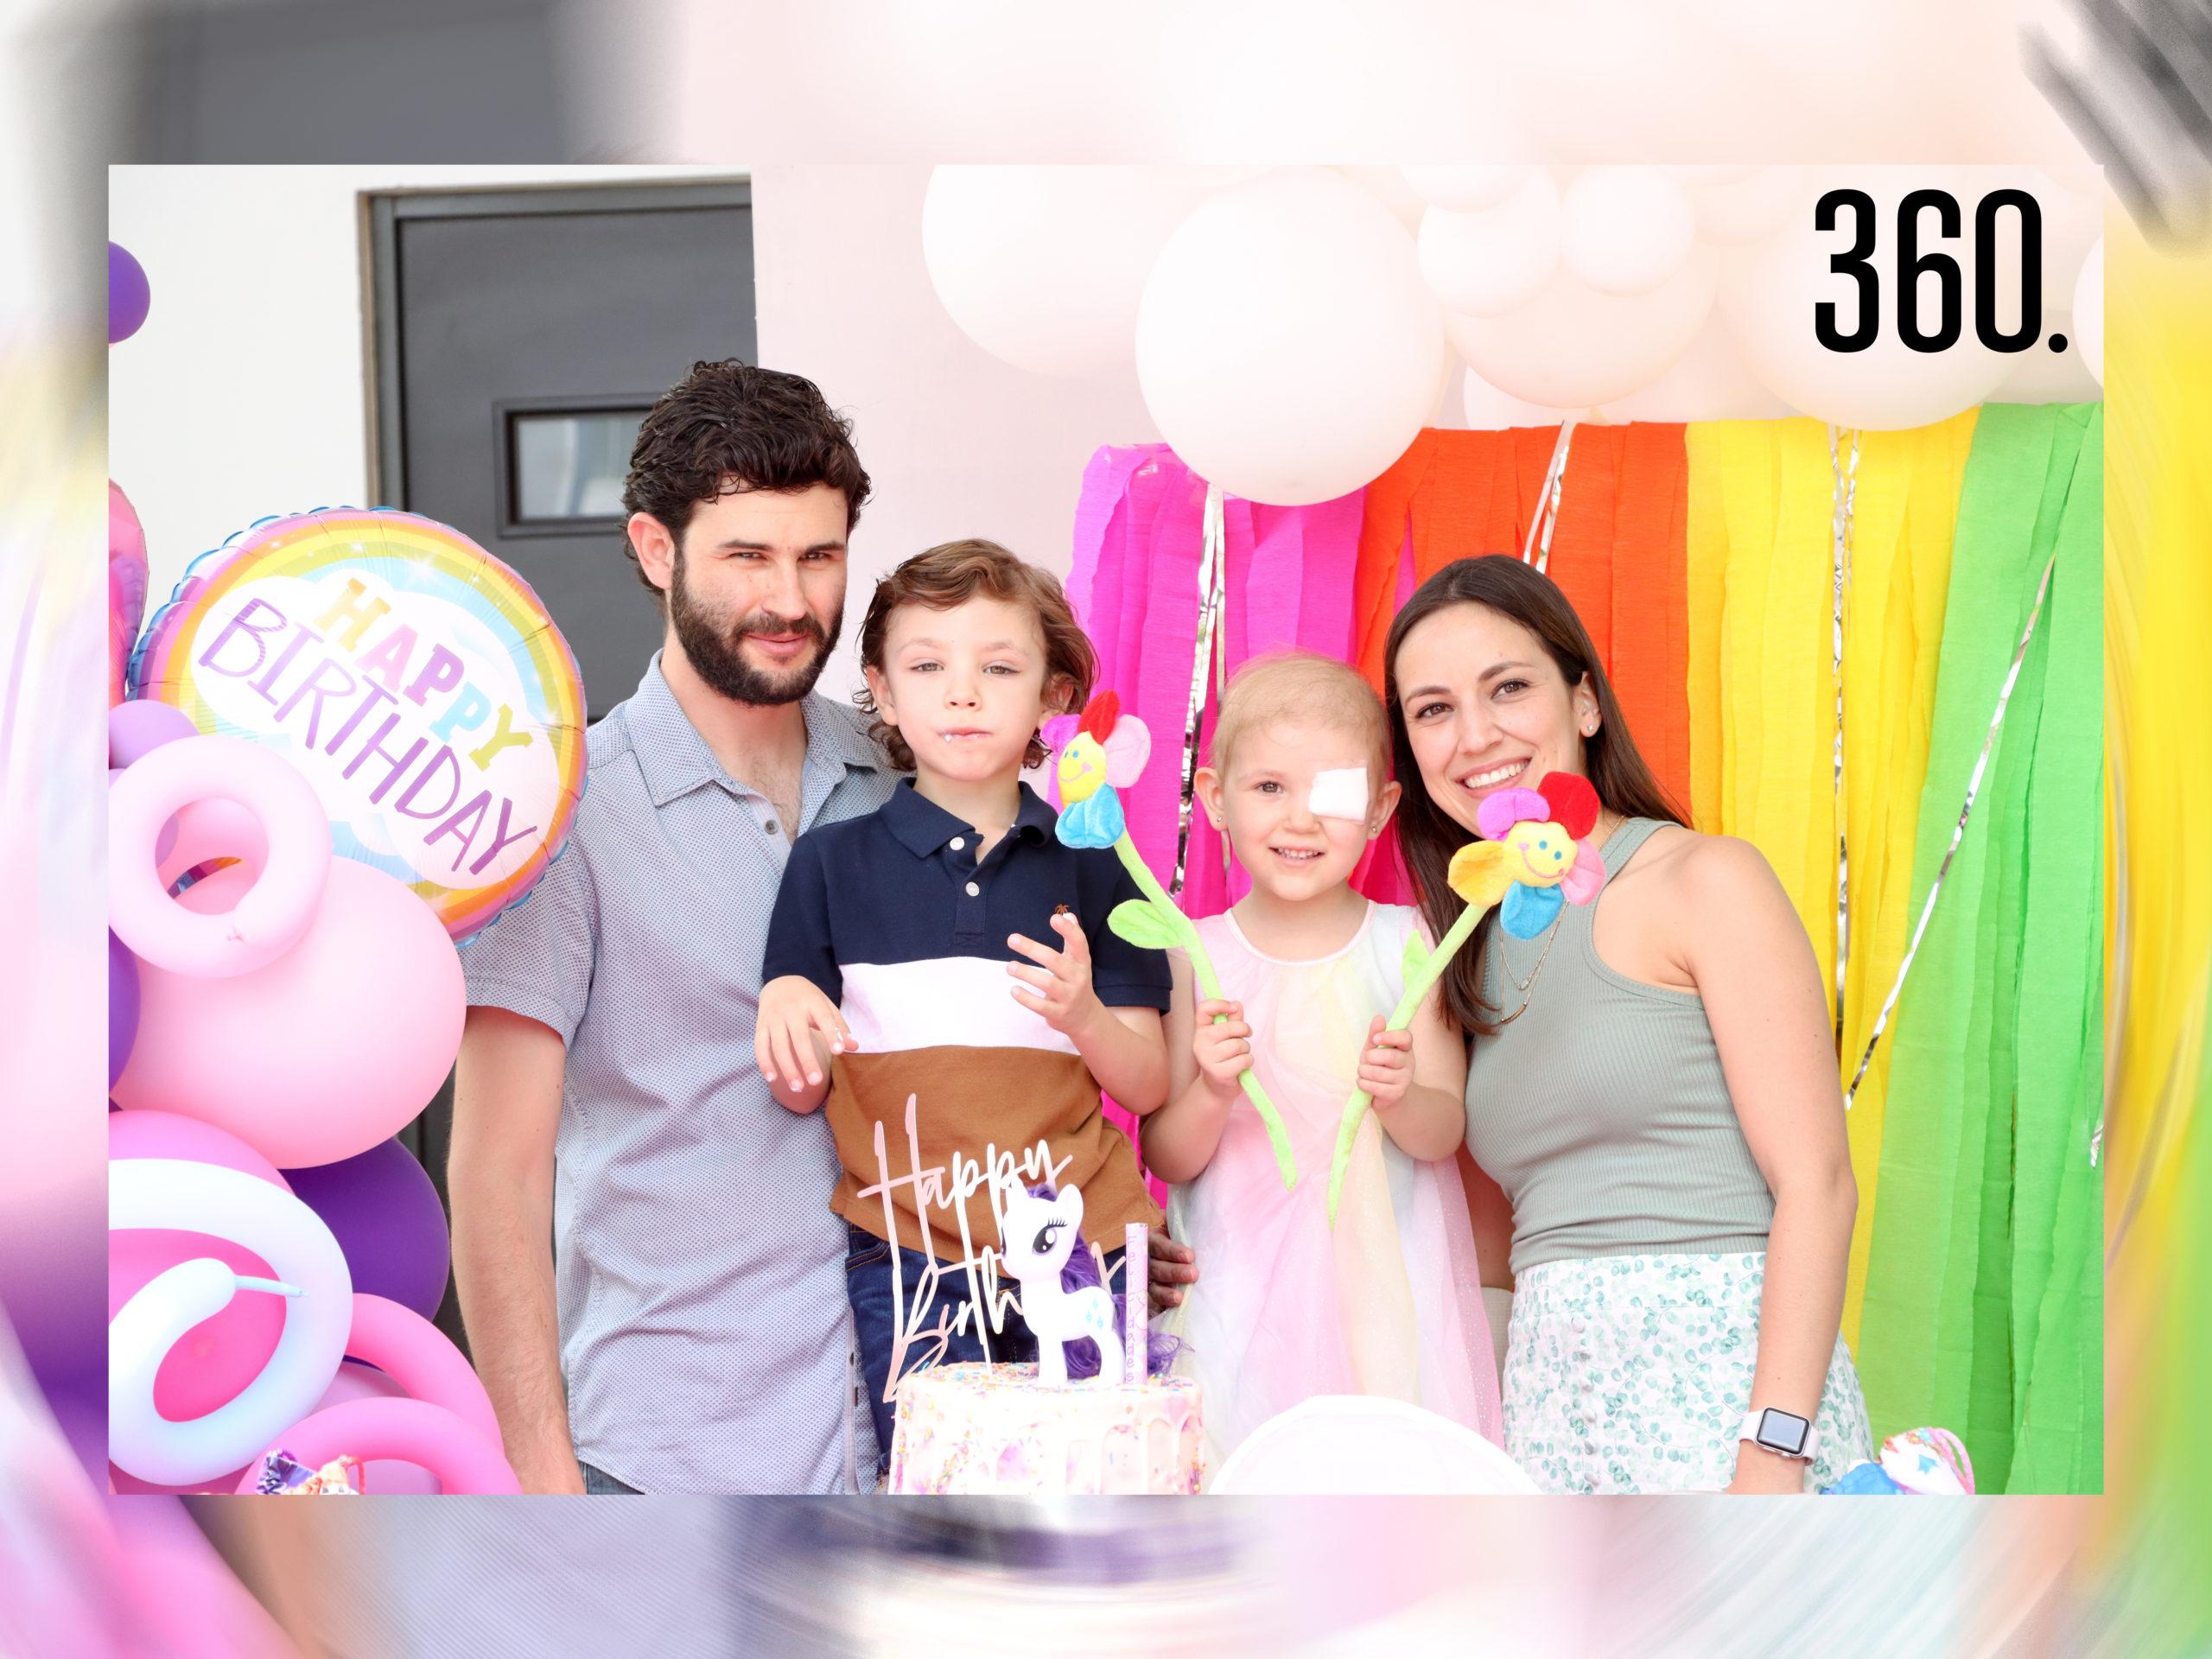 Ana Karla con sus papás y hermano, Polo Herrera, Polo Herrera y Karla Treviño.